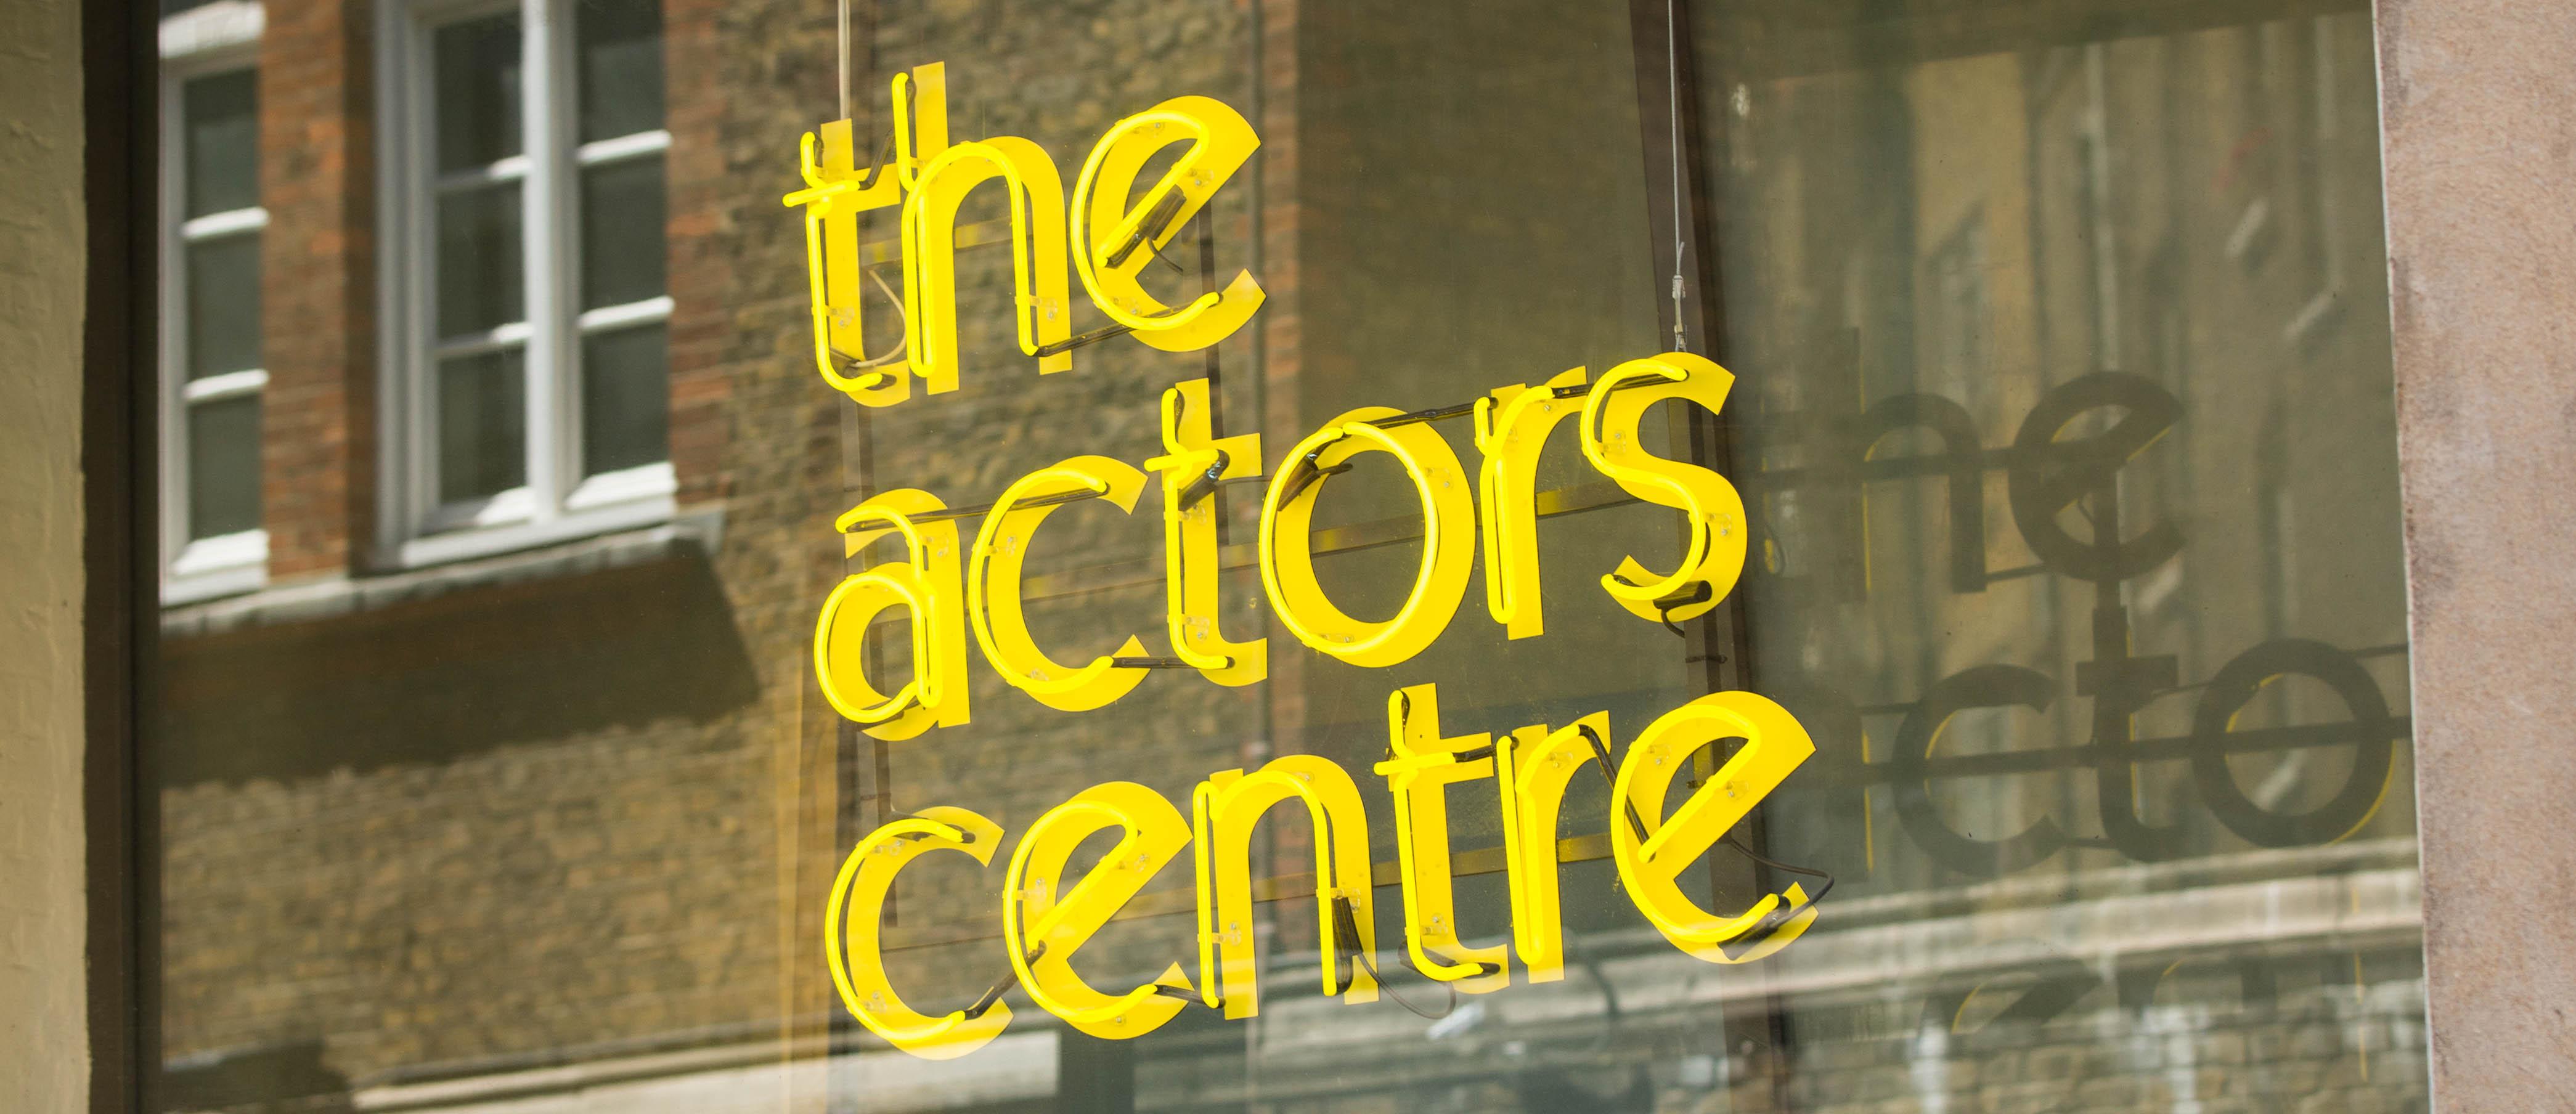 actors centre